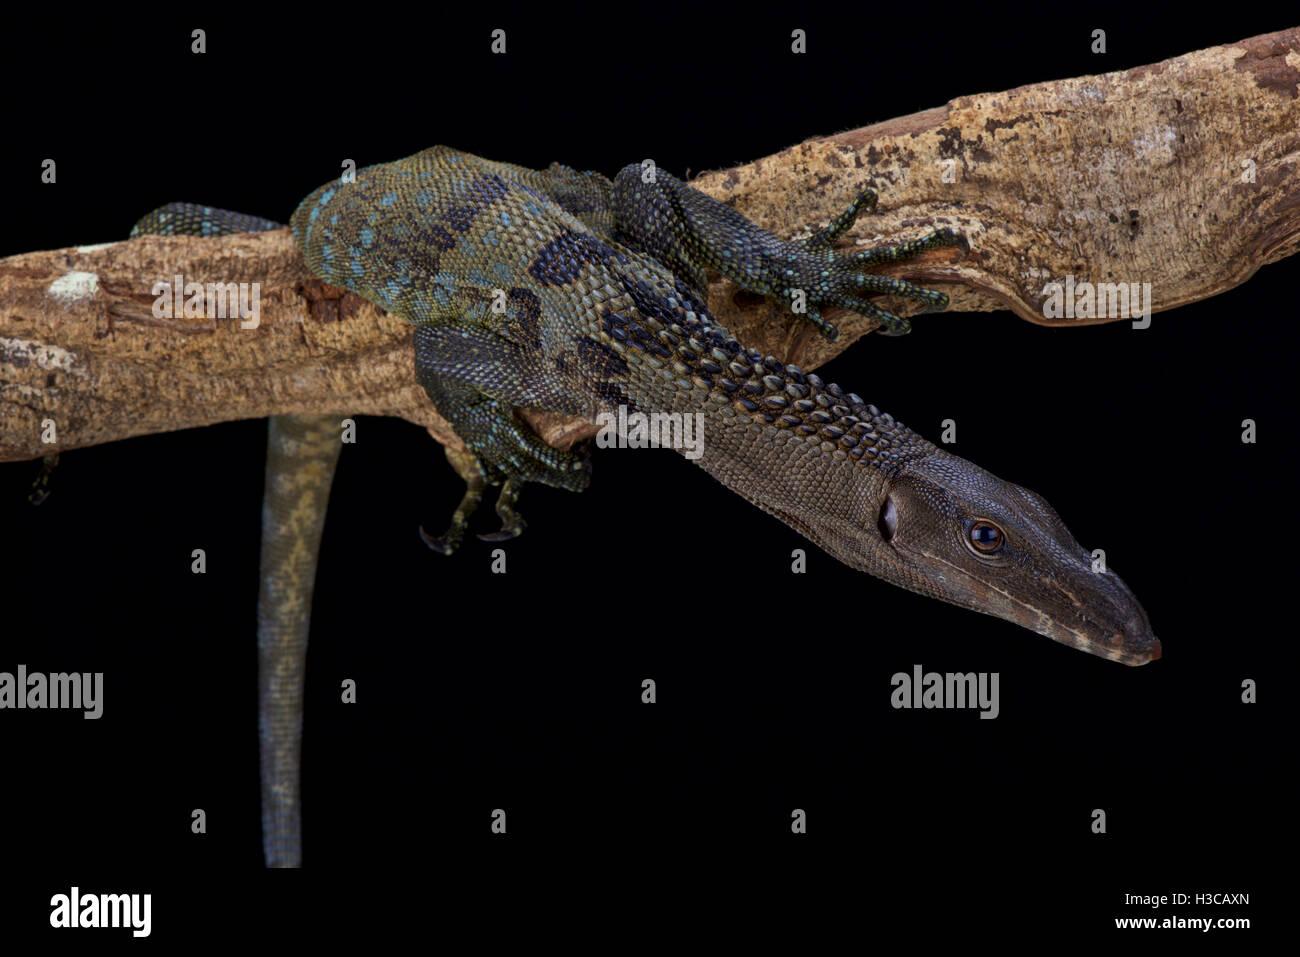 Monitor, Varanus rudicollis Roughneck, Indonesia Imagen De Stock